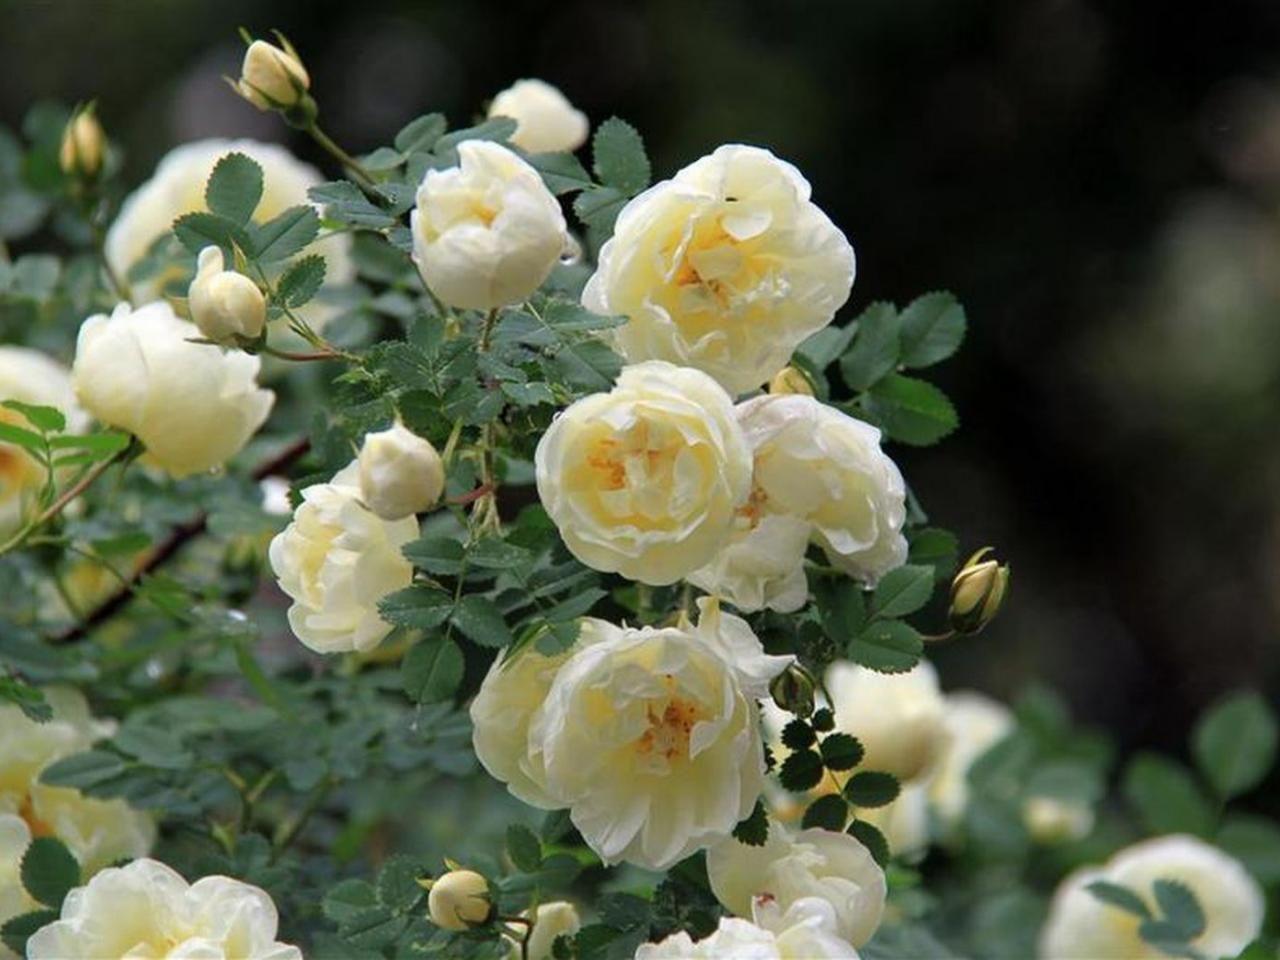 чайная роза фото кустарник поразитесь великолепию готической